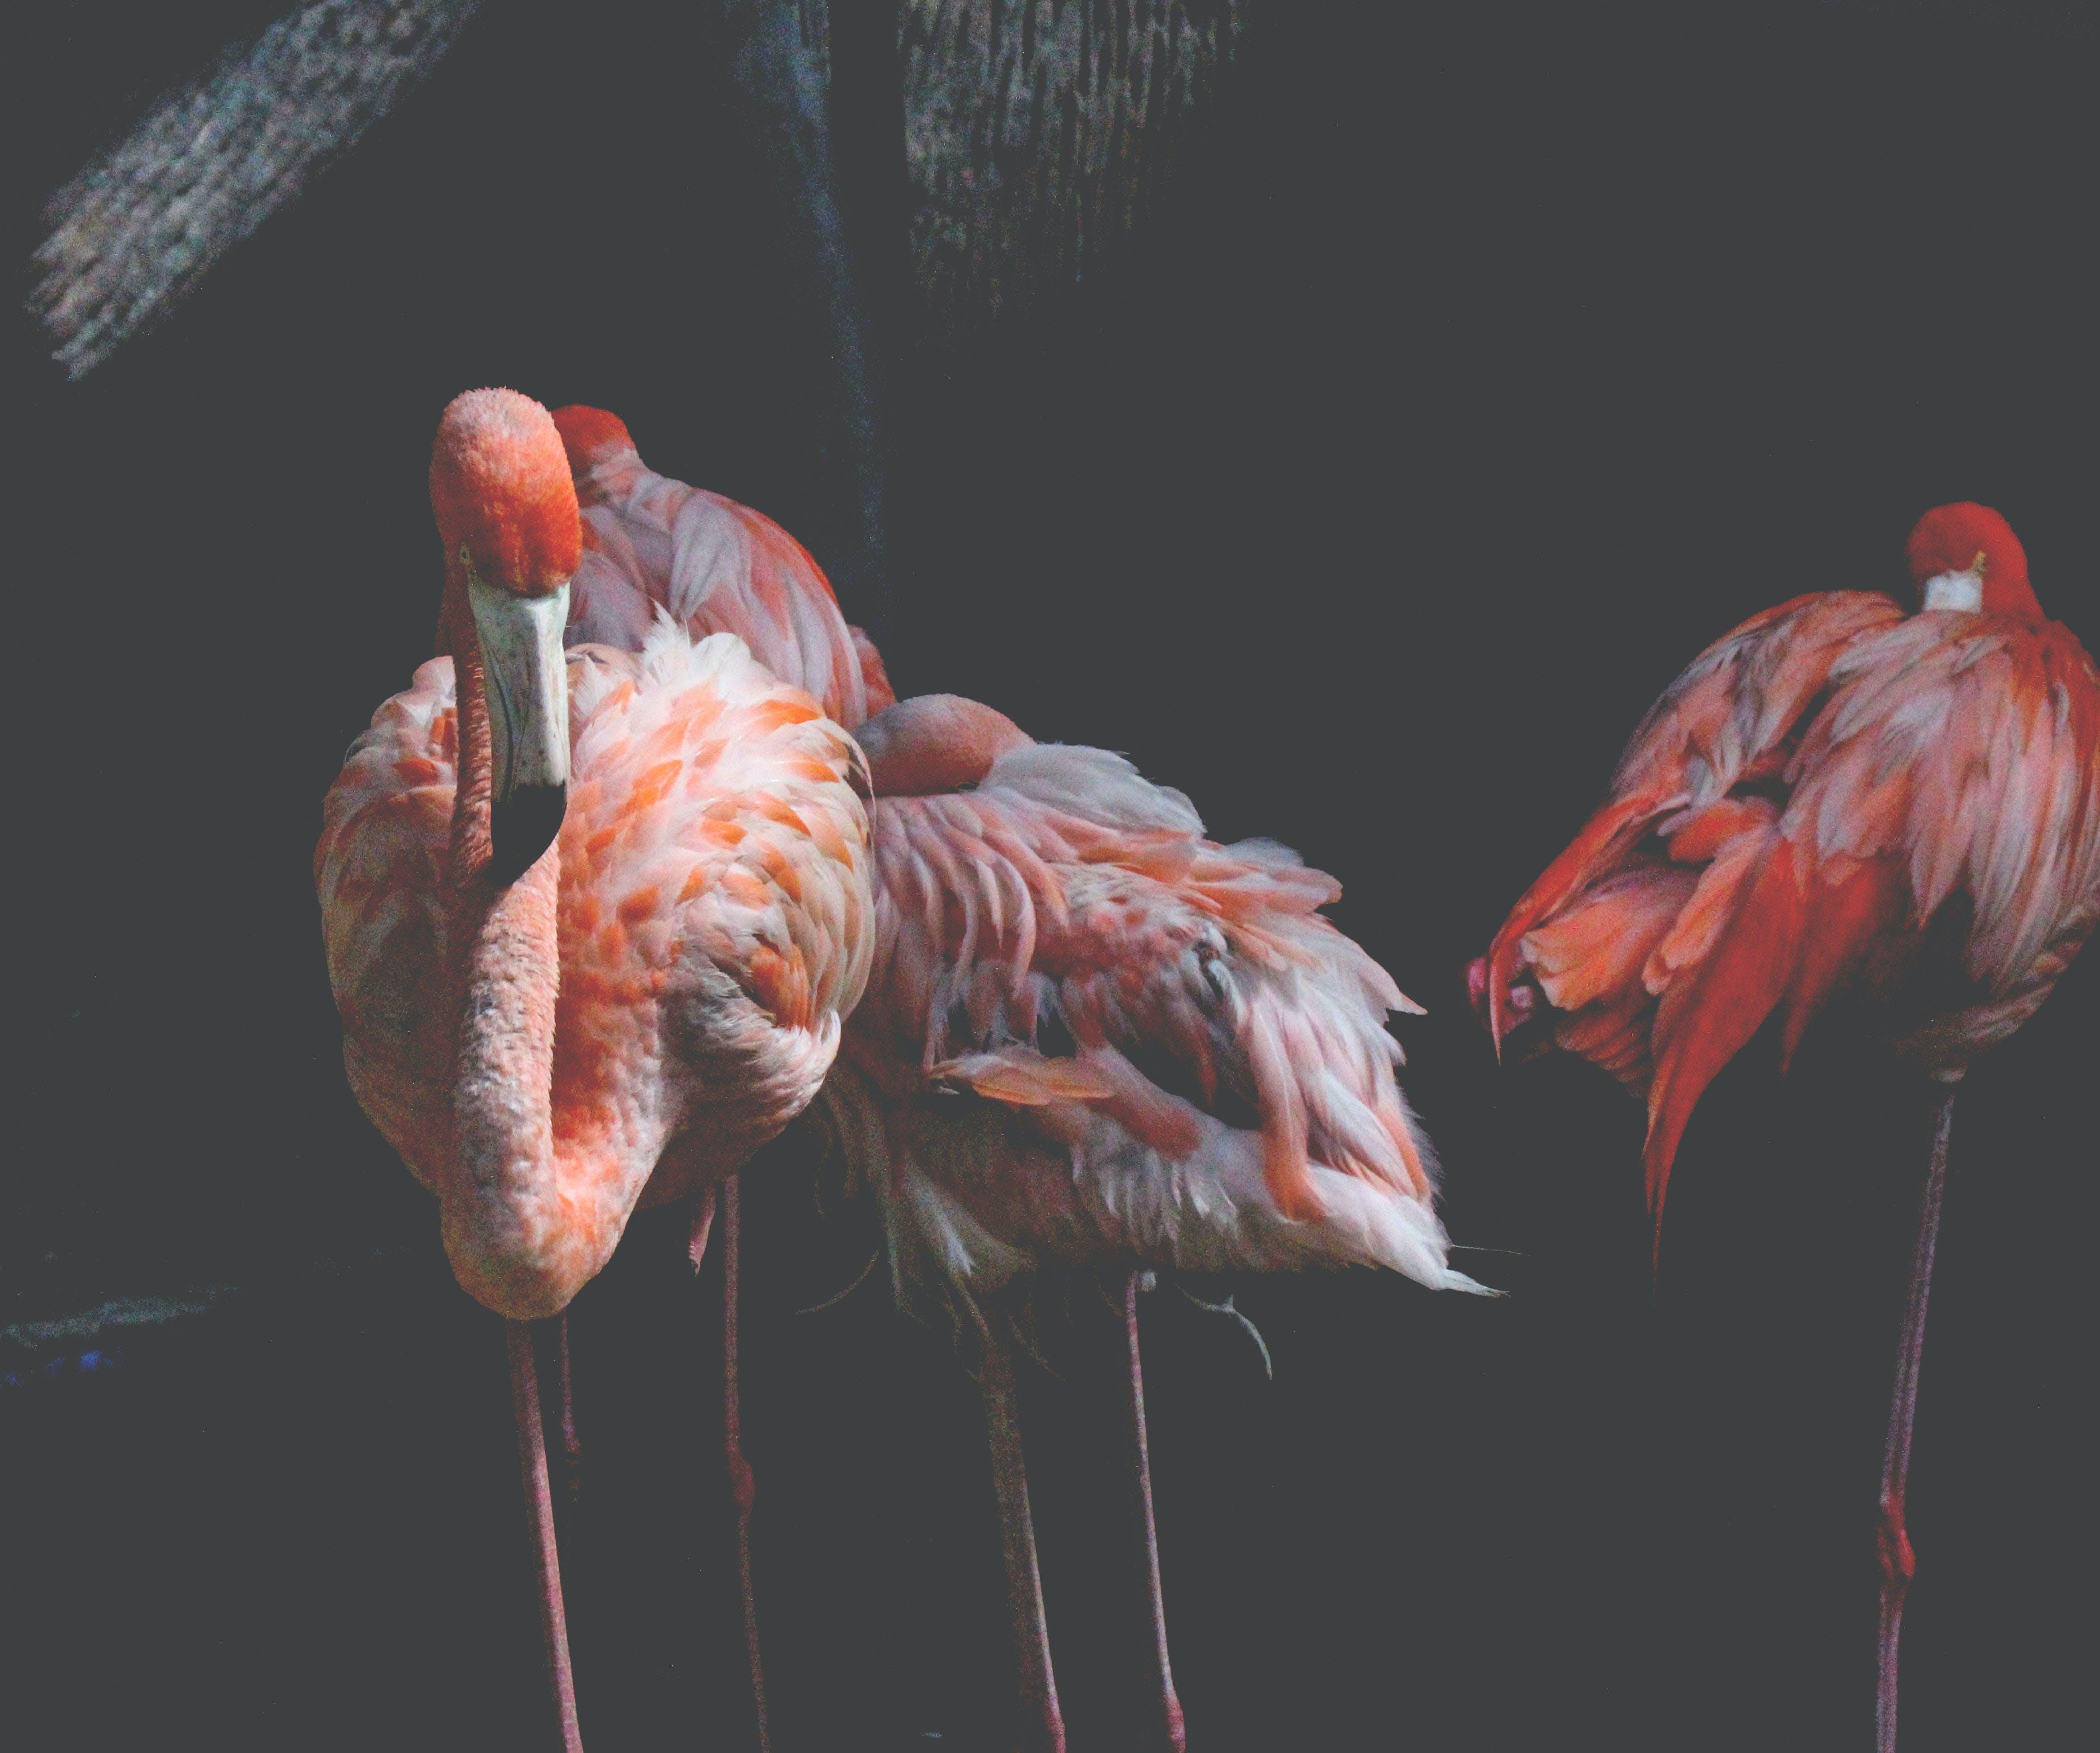 動物, 大鳥籠, 天性, 水 的 免费素材照片